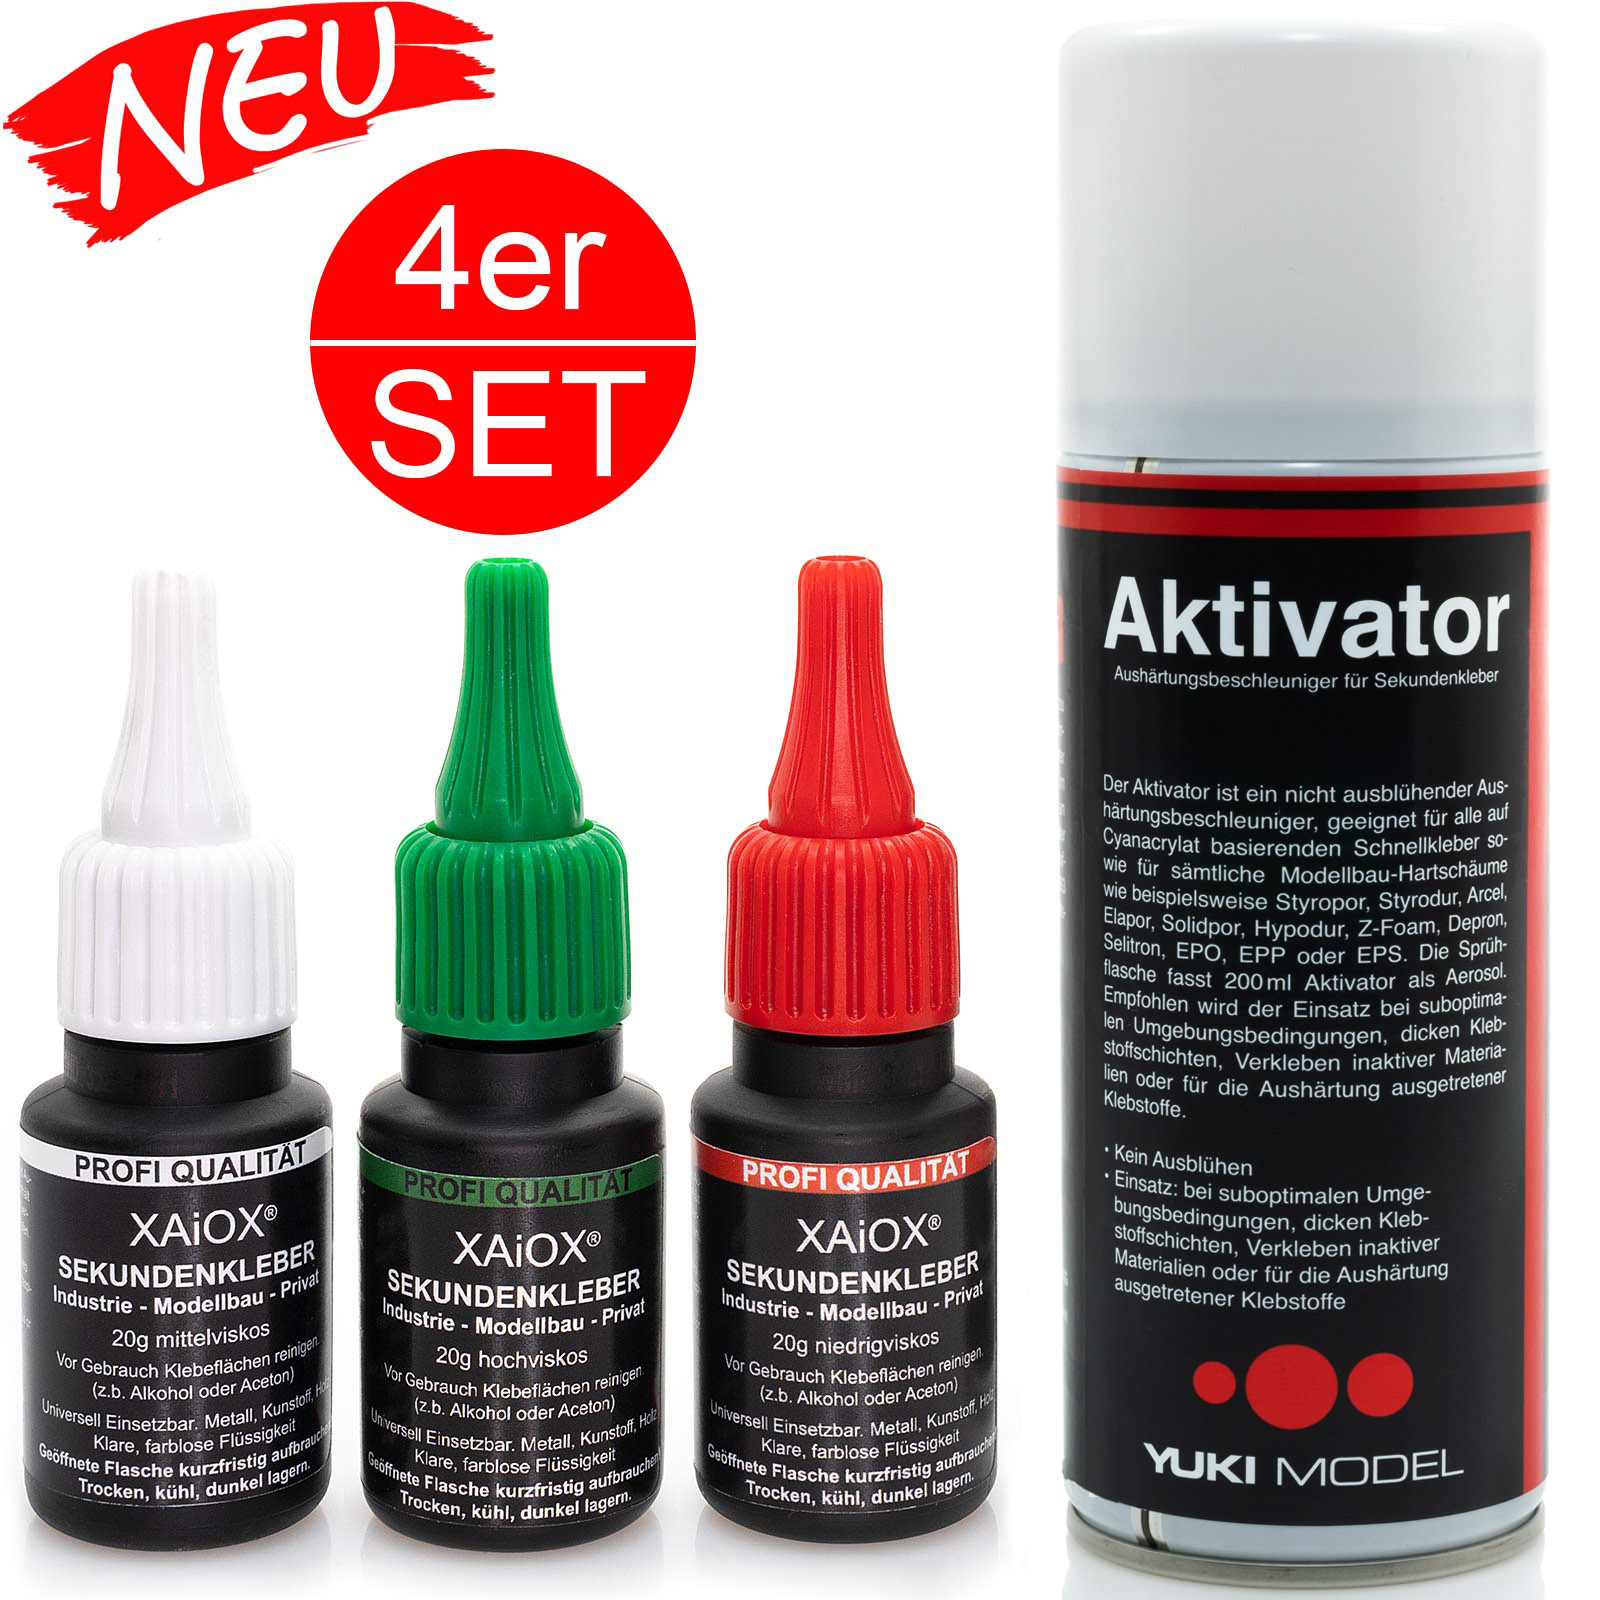 Profi 4er Set - 3x Sekundenkleber dünnflüssig, mittelflüssig, dickflüssig je 20g extrem stark mit Patent-Verschluss + Aktivator Spray